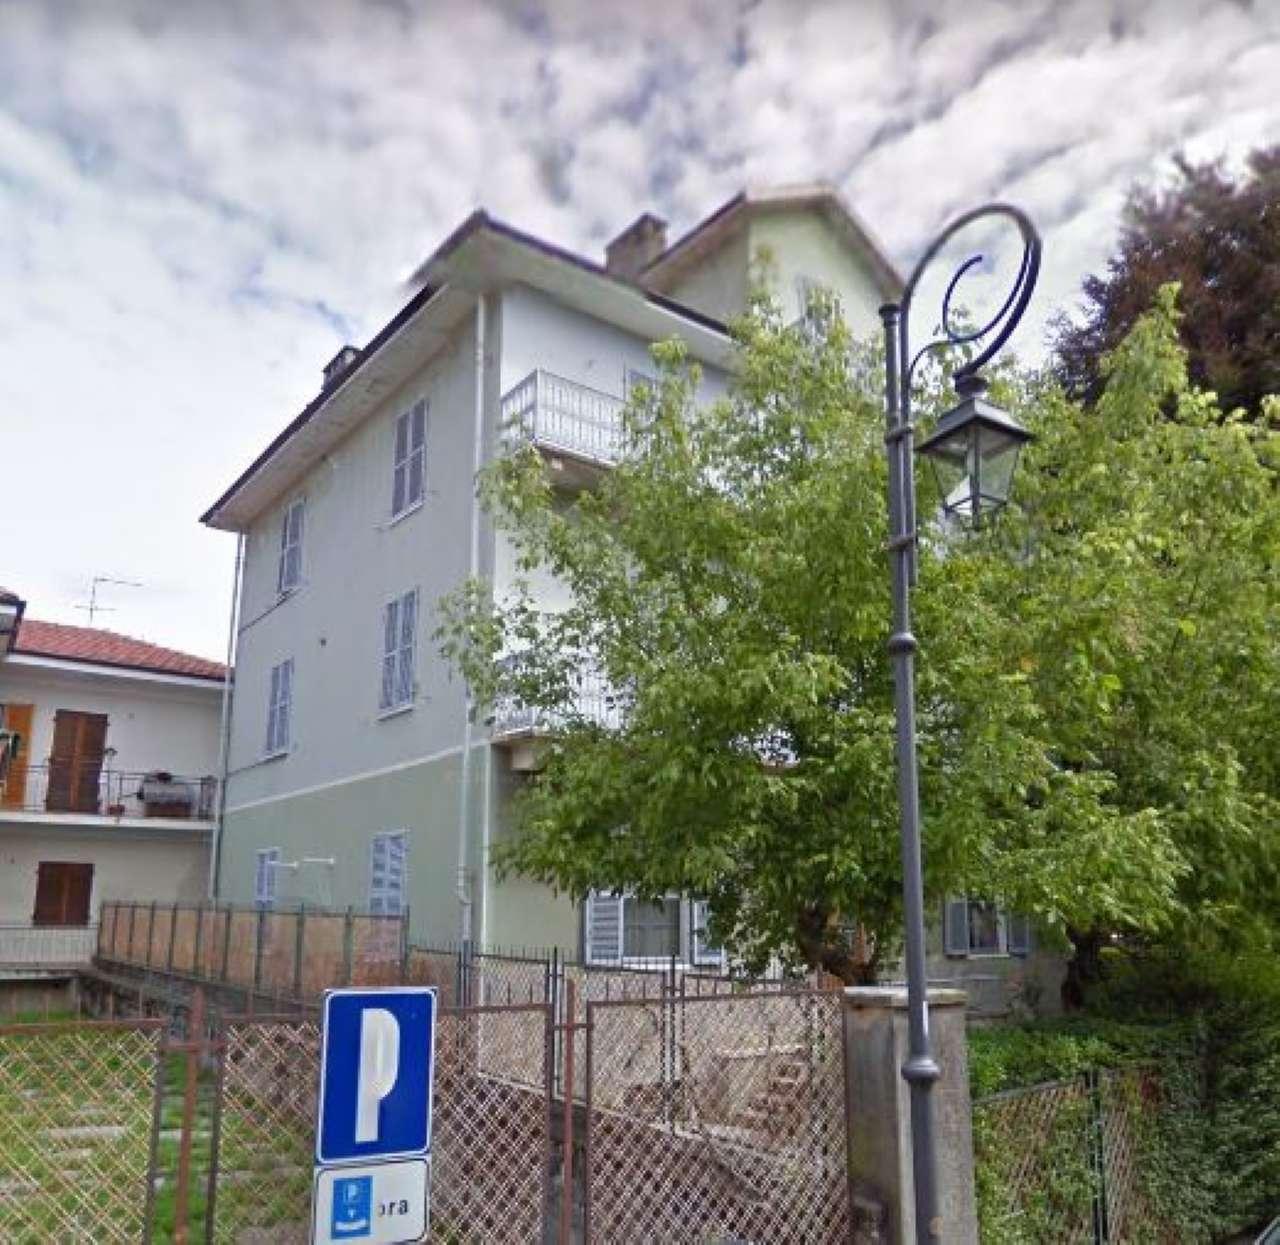 Appartamento in vendita a Coazze, 4 locali, prezzo € 65.000 | PortaleAgenzieImmobiliari.it